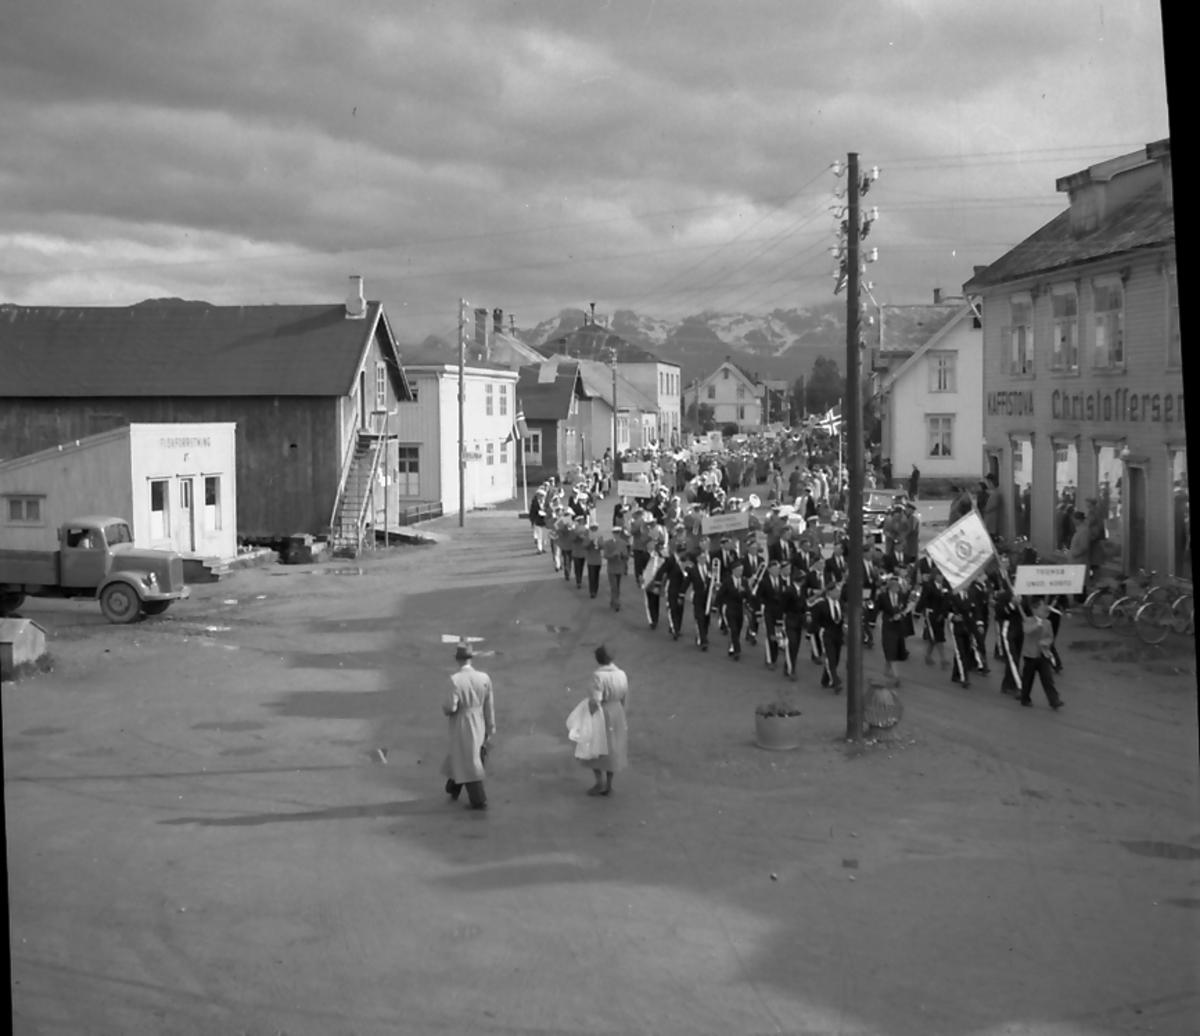 Nordnorsk musikkstevne på Sortland, juni 1952. Marsjering ved Kaffistova i Strandgata